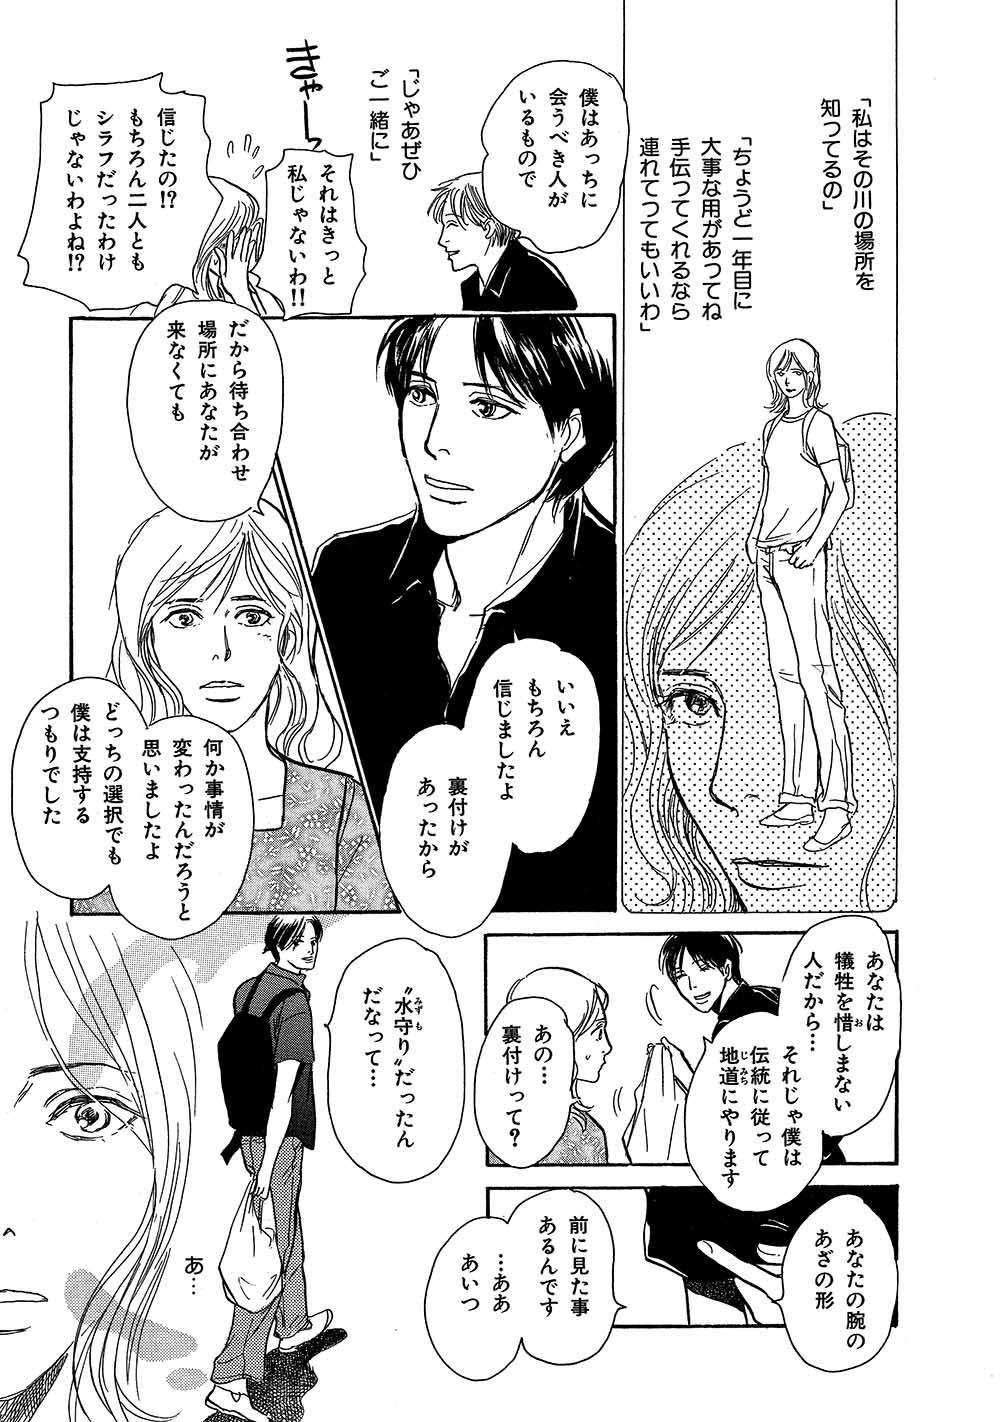 hyakki_0016_0089.jpg